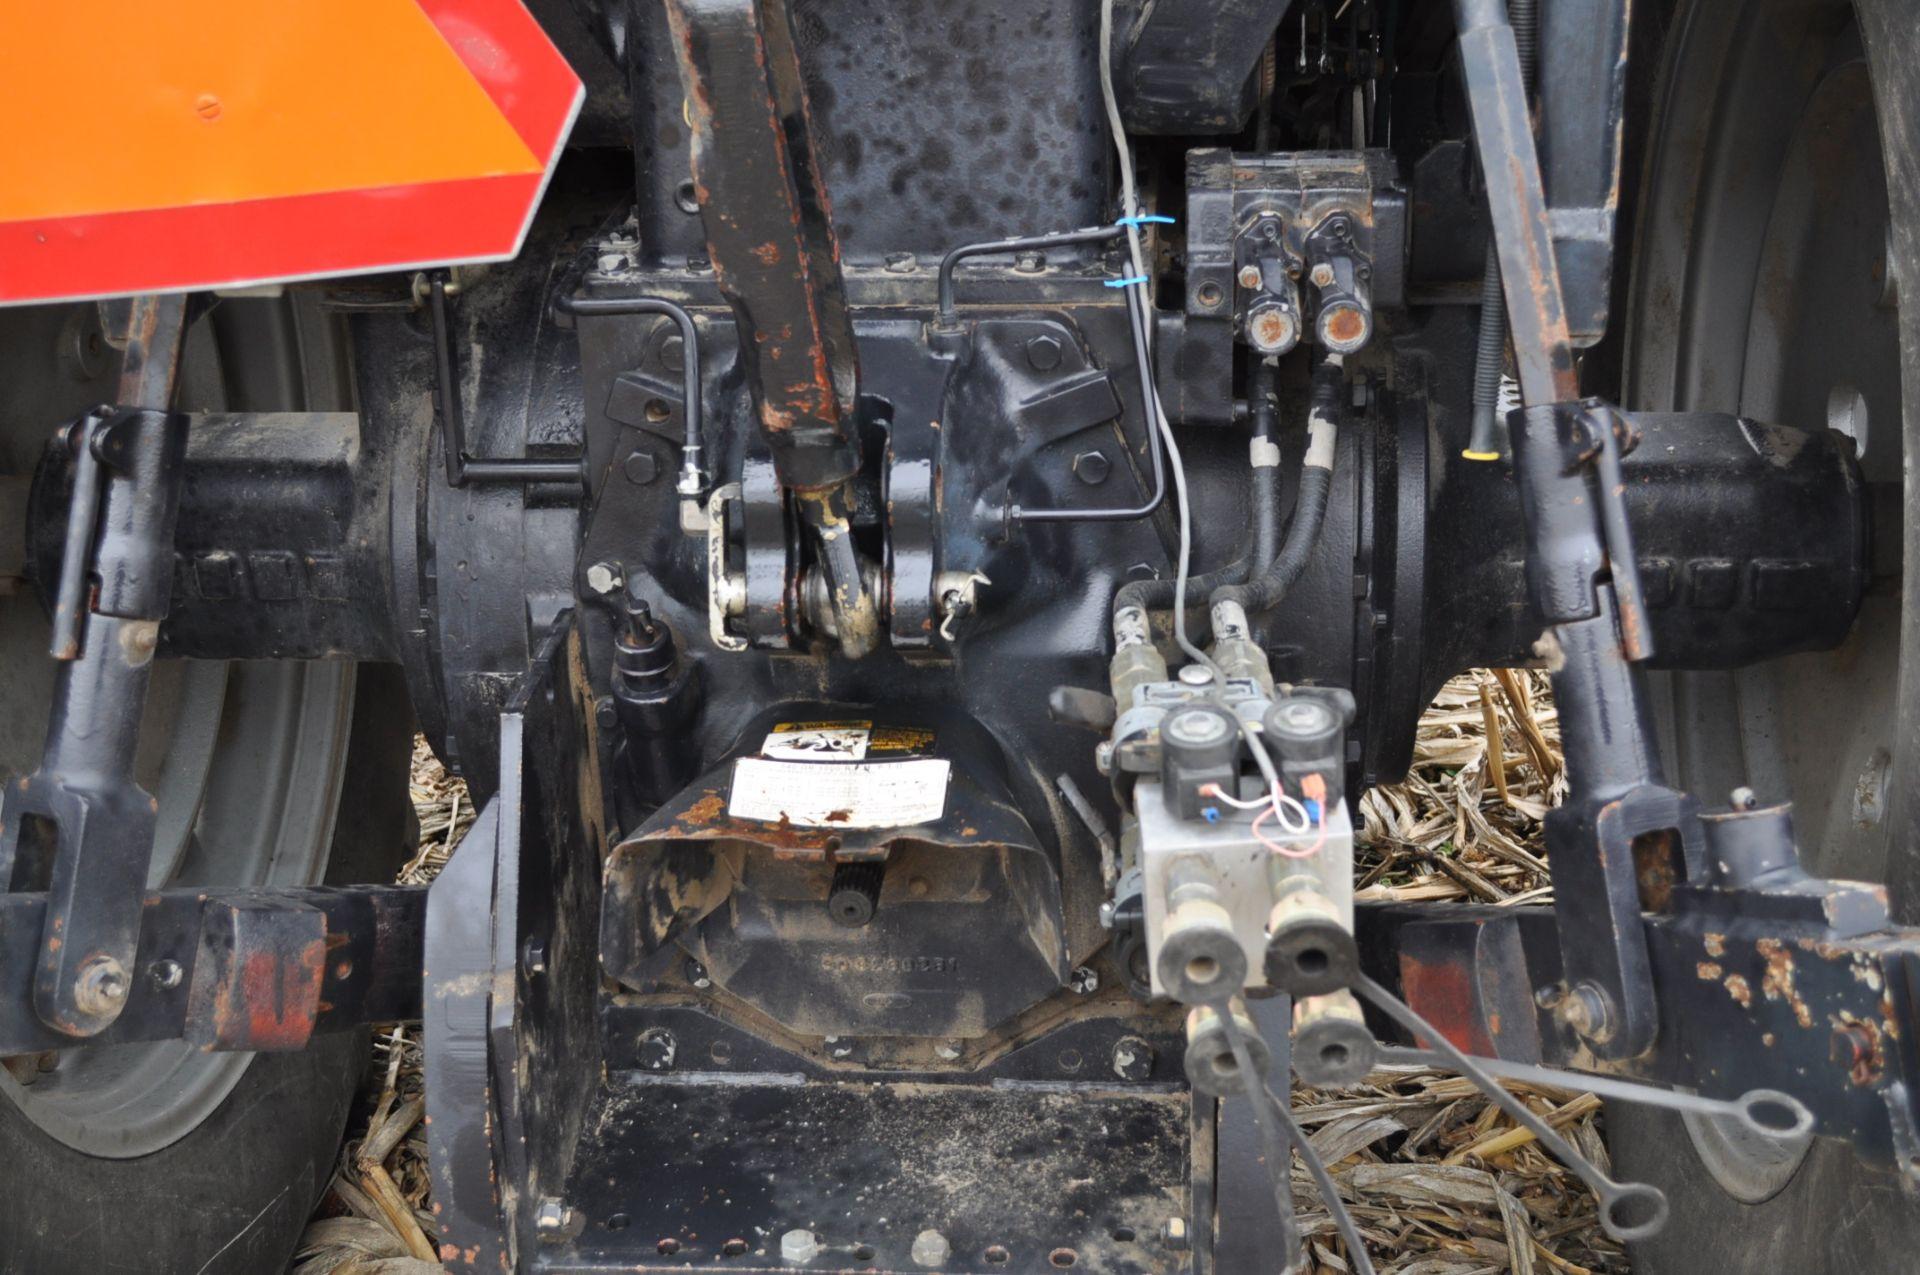 Deutz Allis 9150 tractor, MFWD, 18.4 R 42 duals, 420/85 R 28 tires, 6+3 speed range, 2 hyd - Image 7 of 20